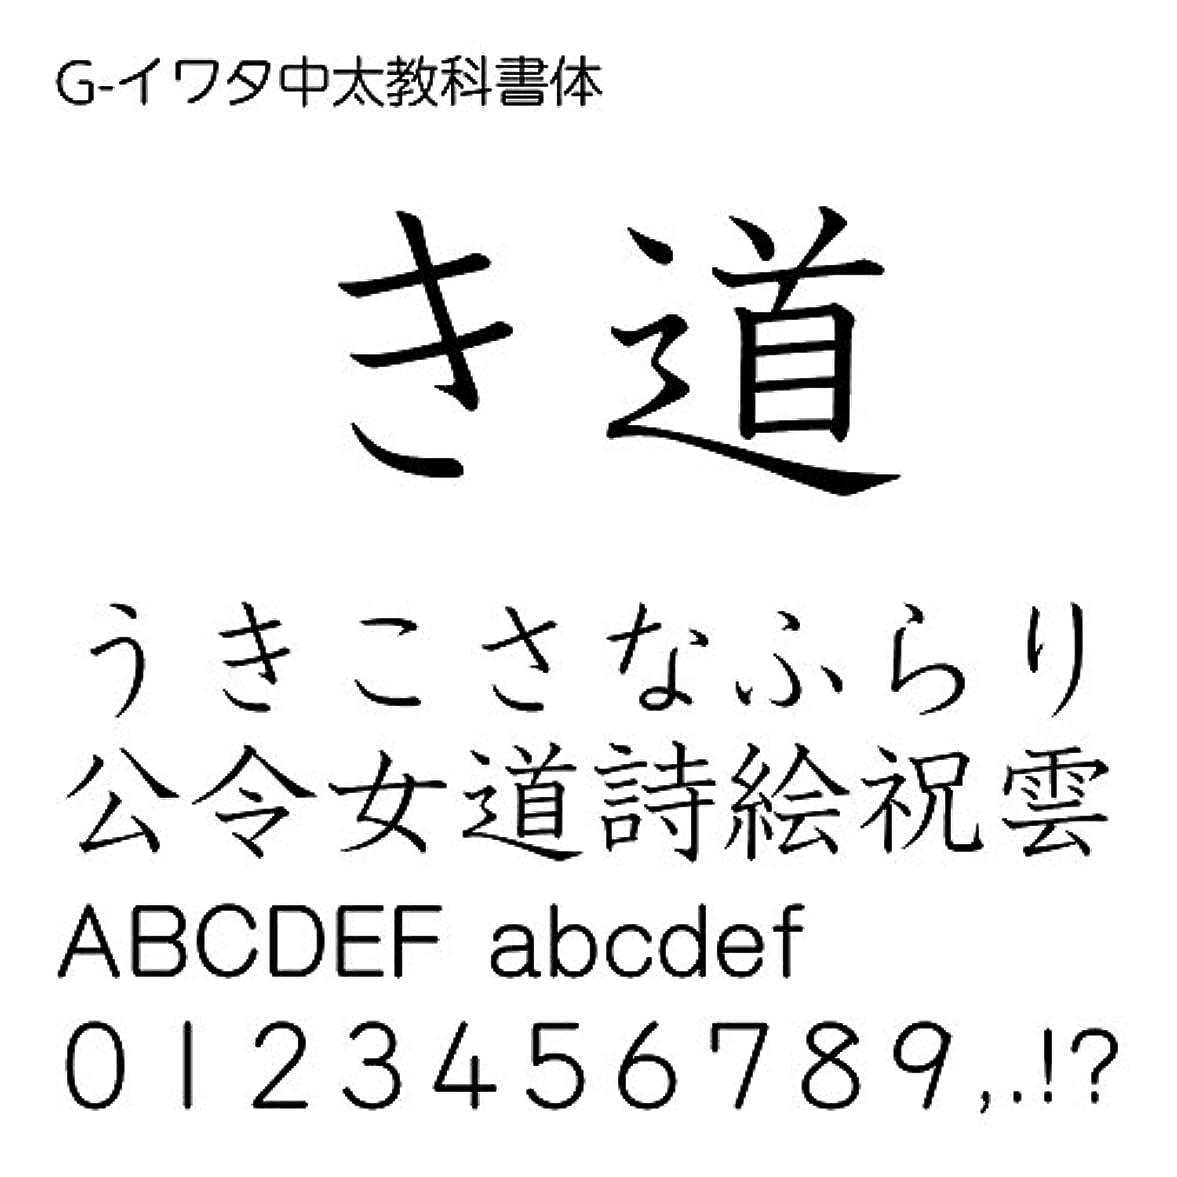 G-イワタ中太教科書体Pro OpenType Font for Windows [ダウンロード]